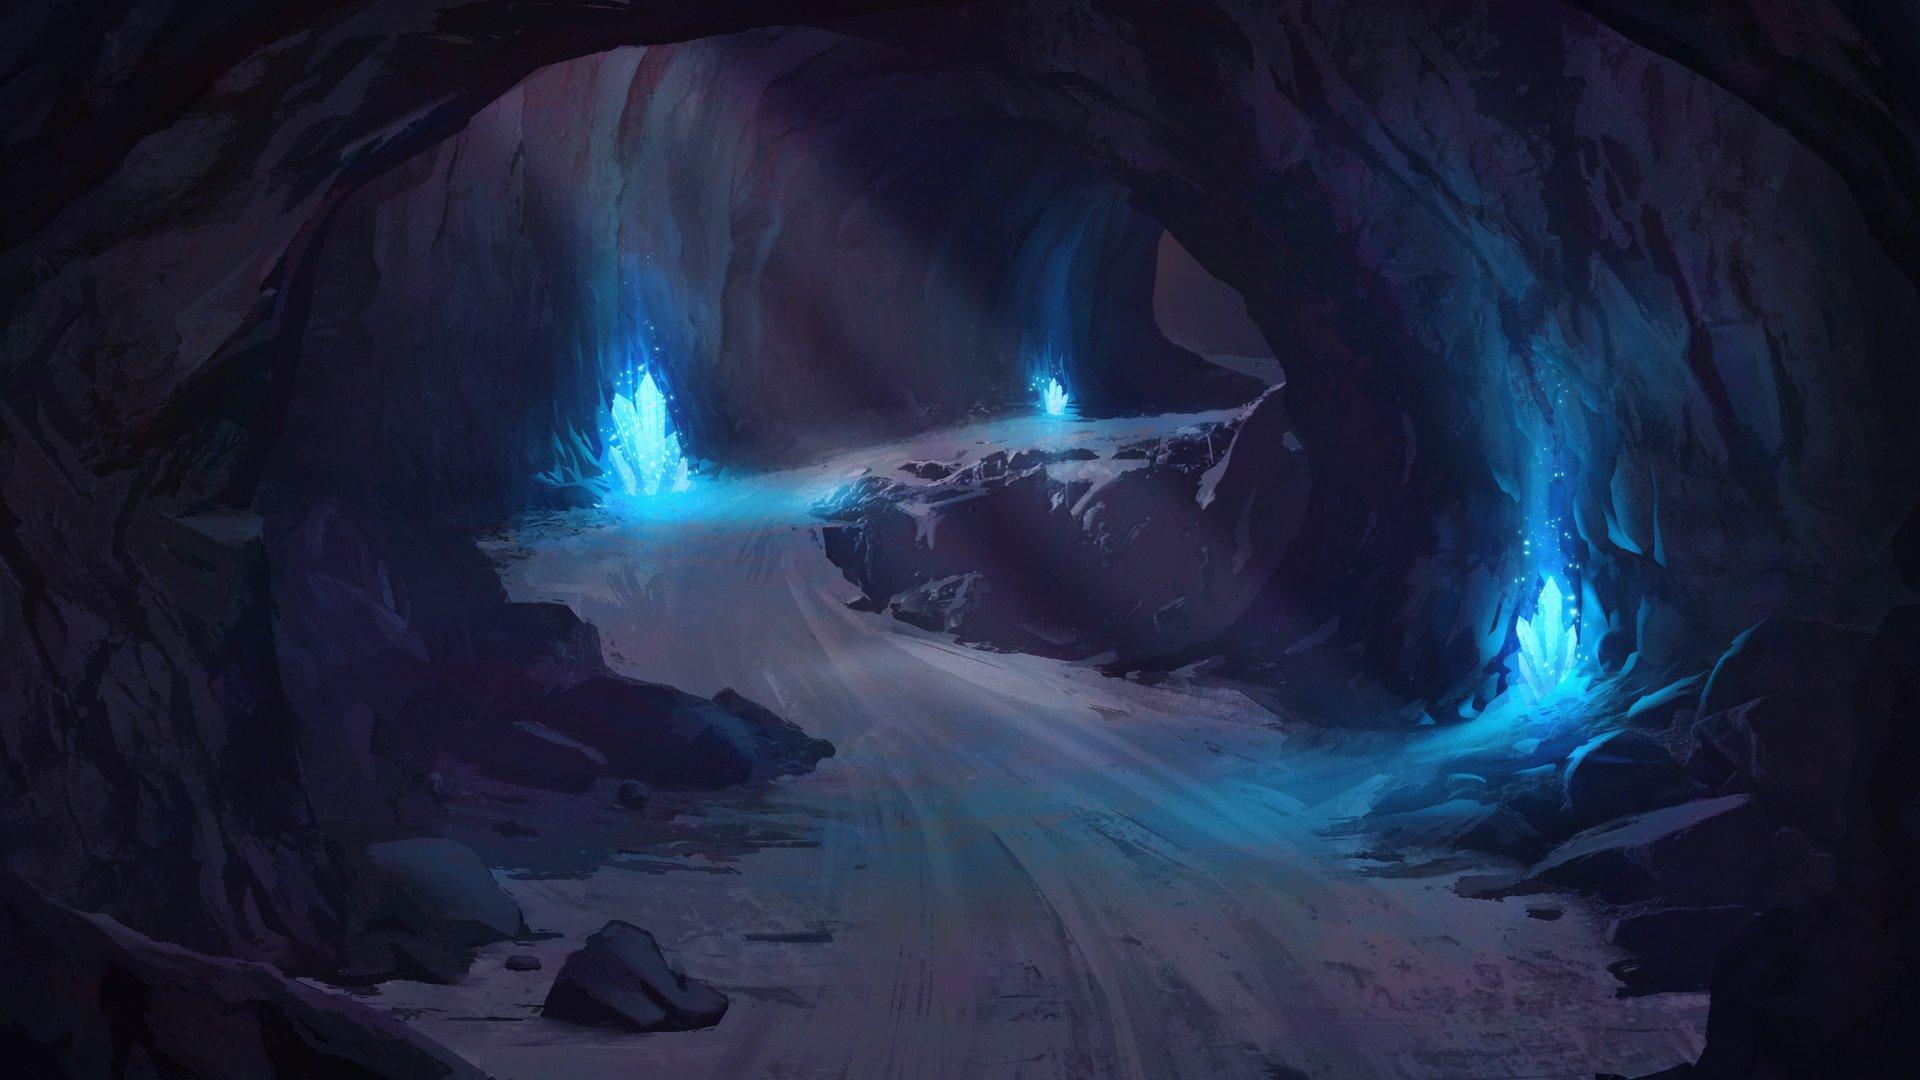 утром пещеры фэнтези картинки фото черная дыра